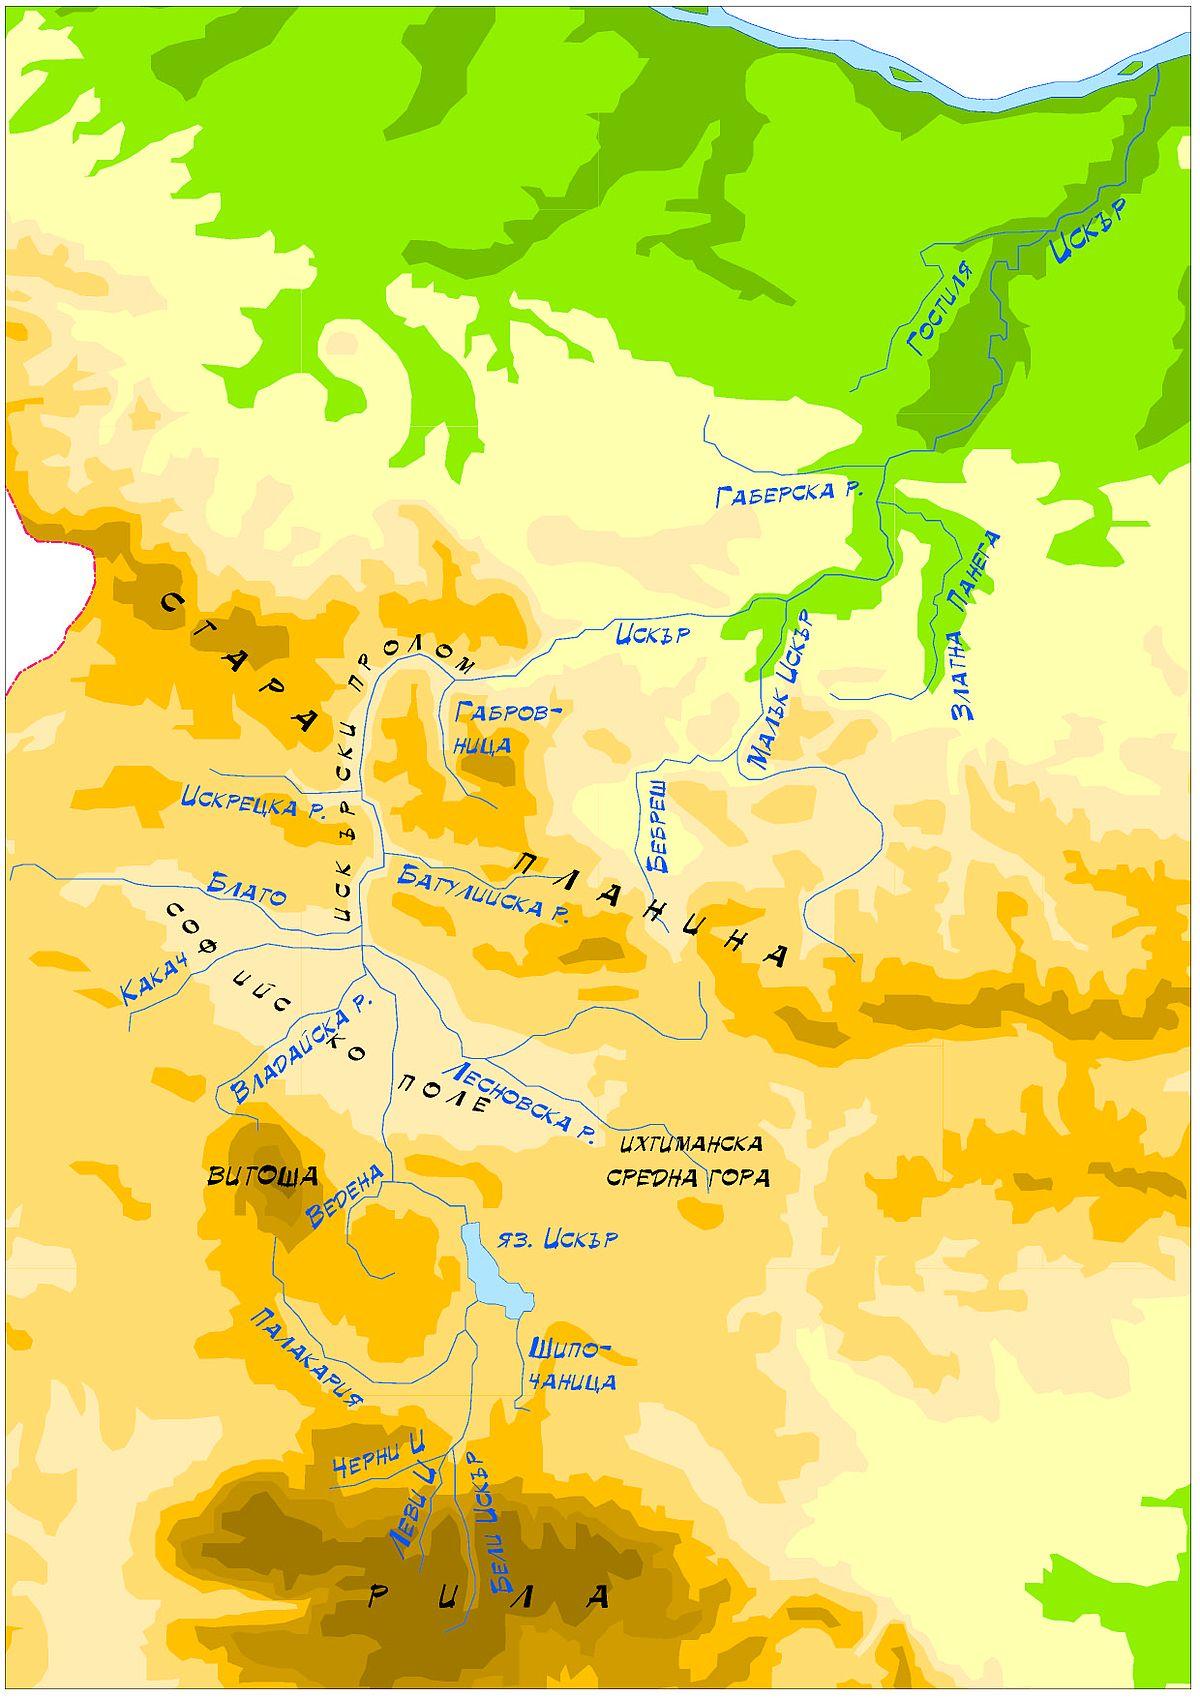 Iskar (river).